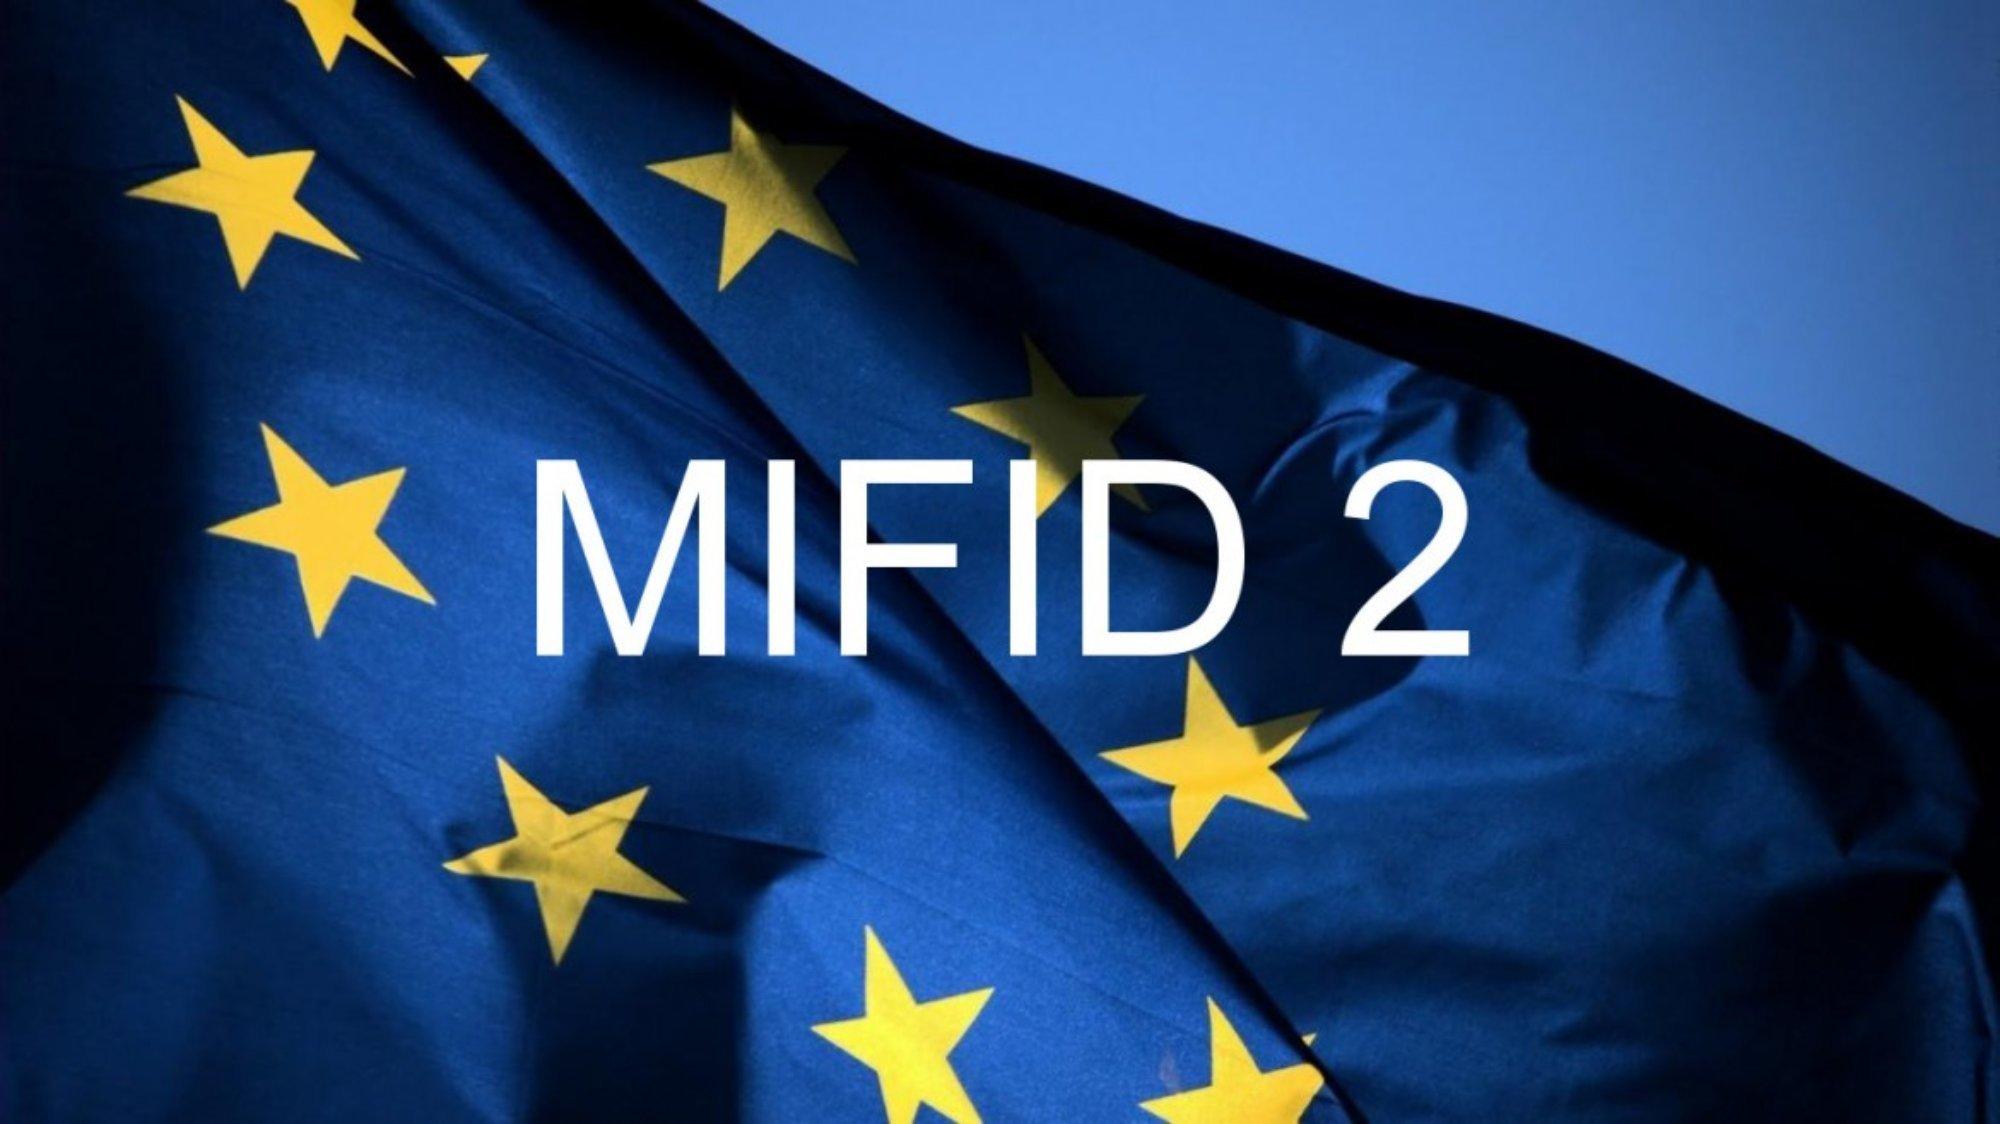 Présentation des points importants de MiFID2